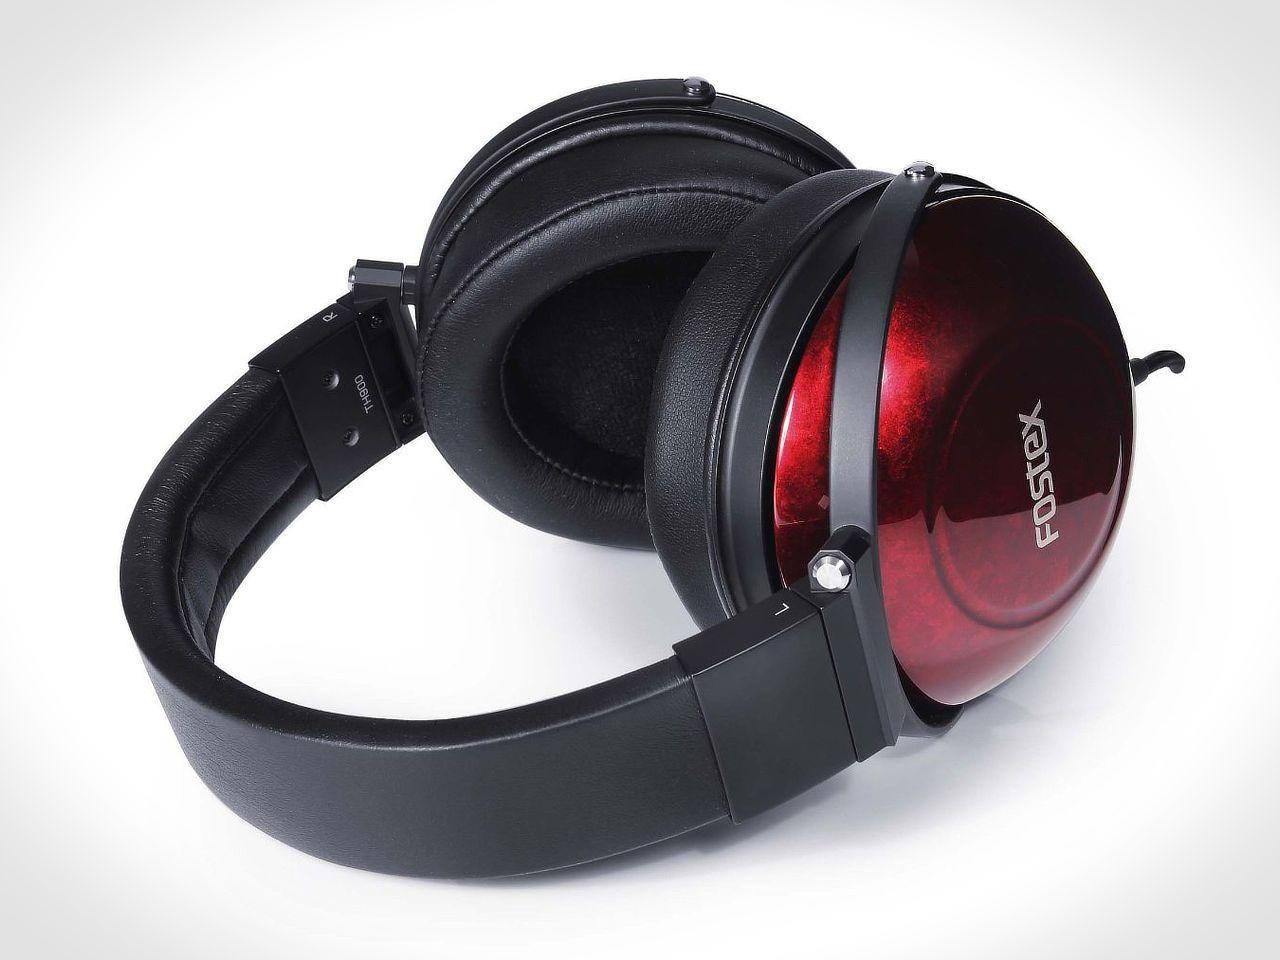 fostex-premium-headphones-003